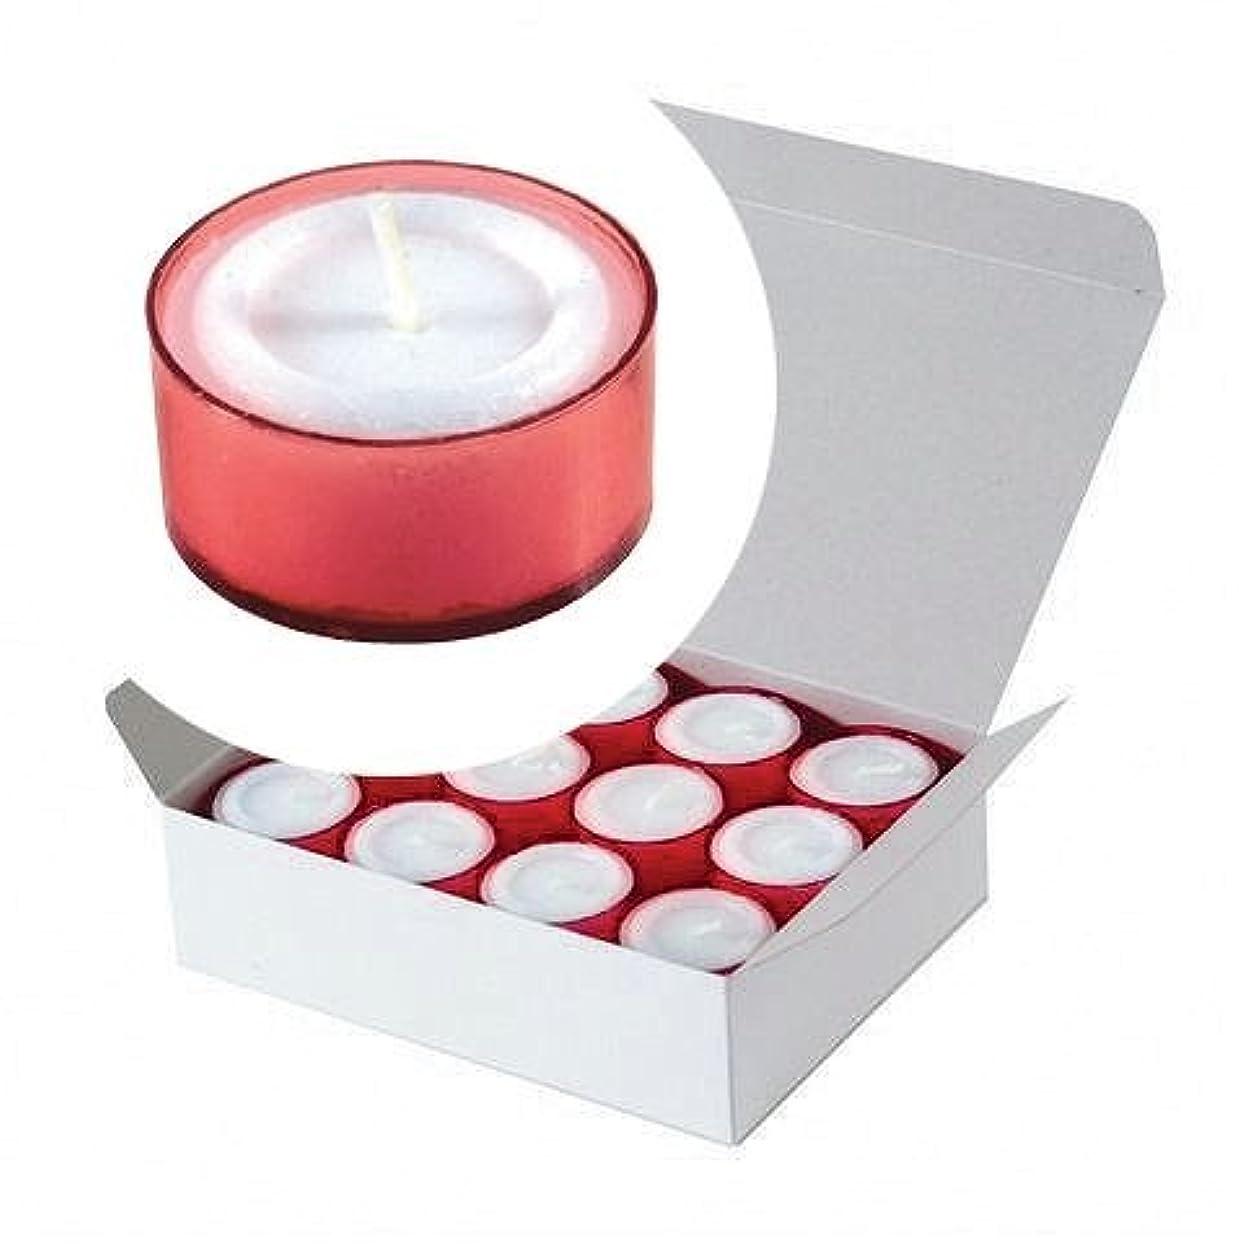 チャペル入浴バレーボールカメヤマキャンドル(kameyama candle) カラークリアカップティーライト24個入り 「 レッド 」